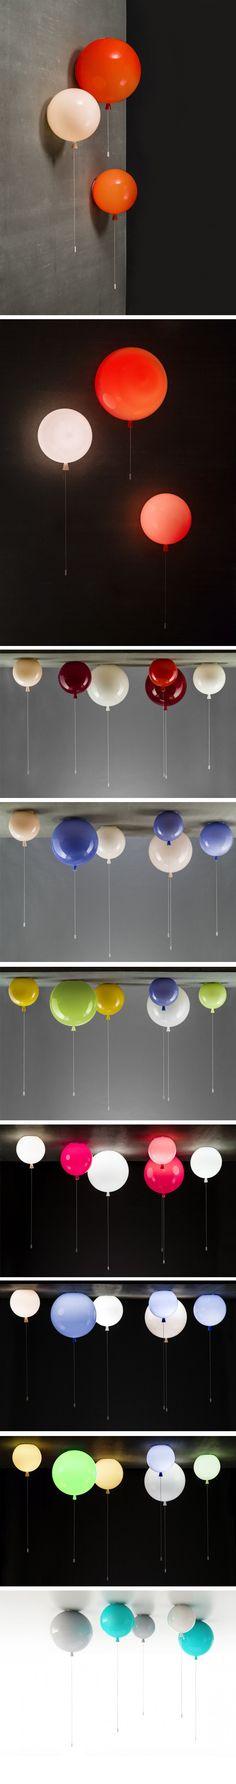 Le designer Boris Klimek signe Memory, une collection de luminaires pour le compte de Brokis, société spécialisée dans l'édition de lampes en verre. Inspirée des souvenirs de l'enfance, cette collection est composée de plafonniers et d'appliques murales représentant des ballons à l'hélium avec